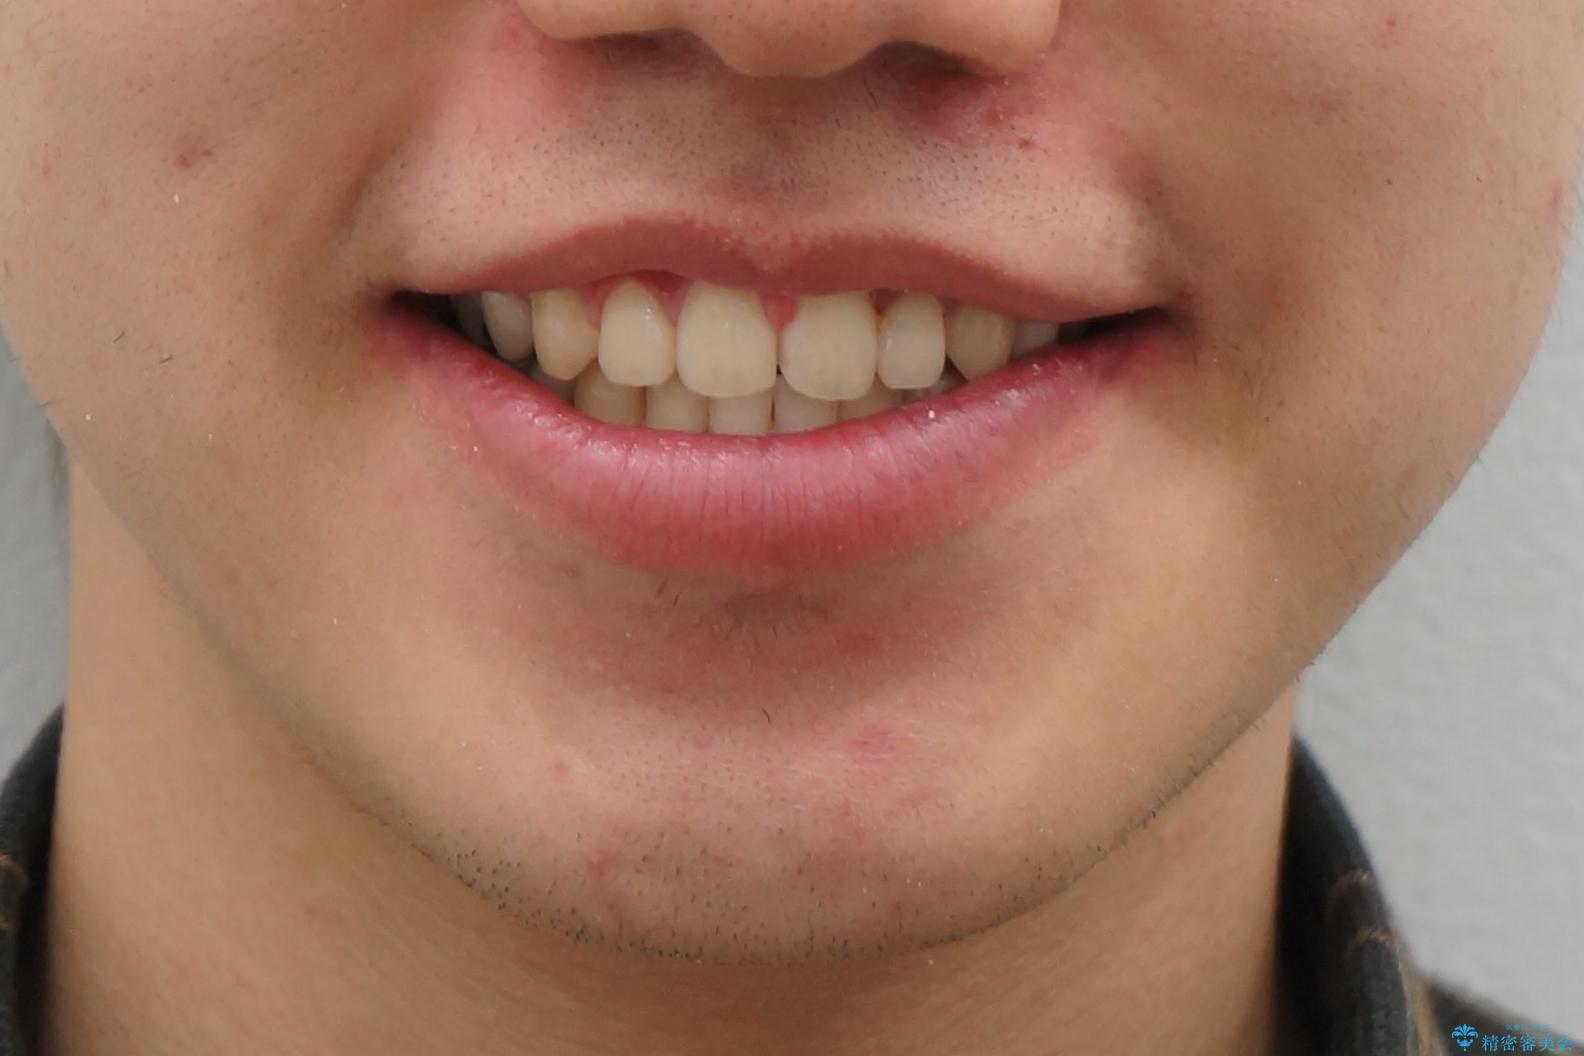 前歯のねじれ 上だけ部分矯正でコストダウンの治療後(顔貌)